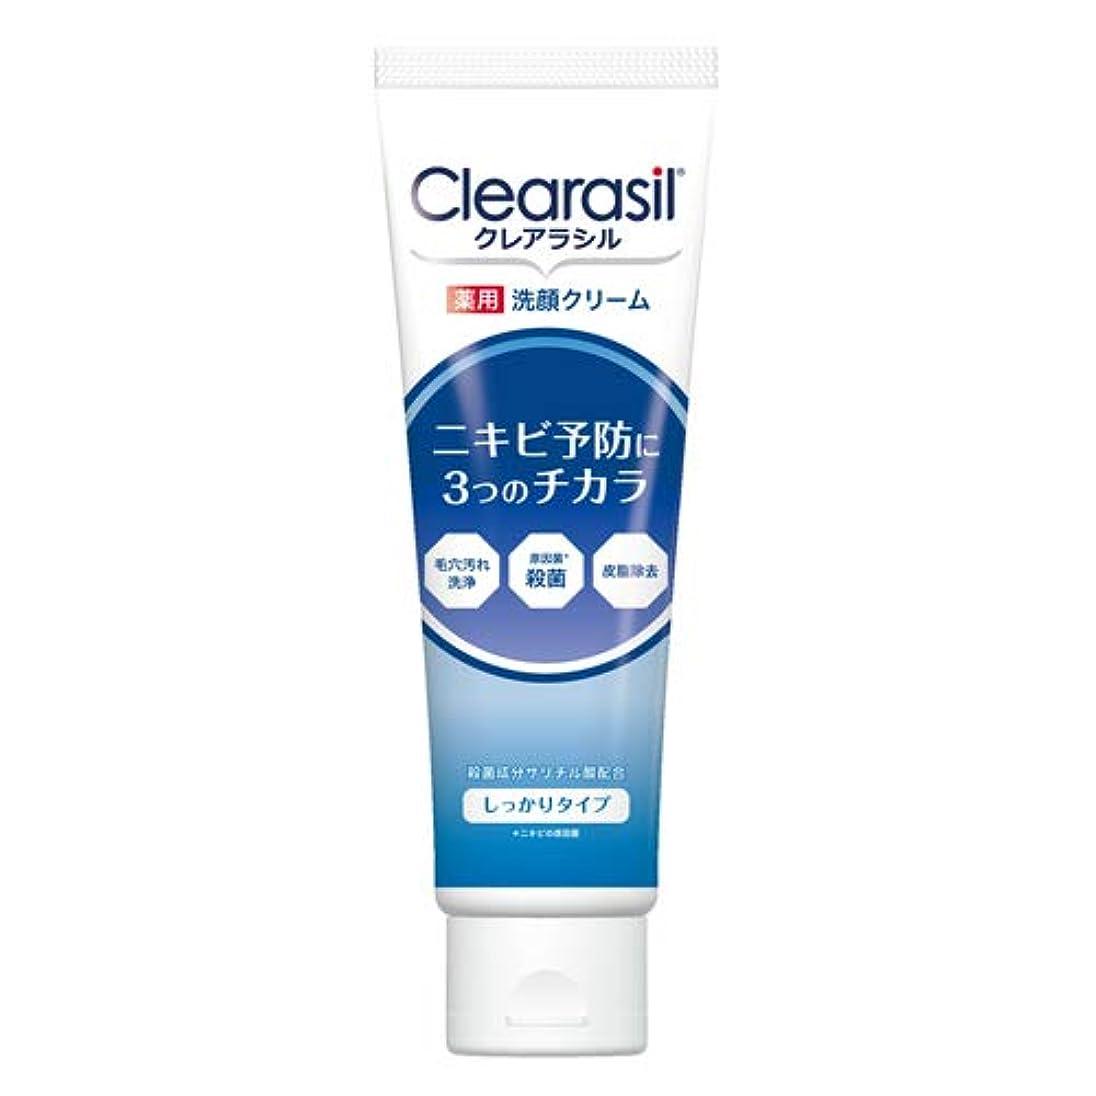 省摂動避けるクレアラシル 薬用洗顔フォーム 10x 120g × 3個セット